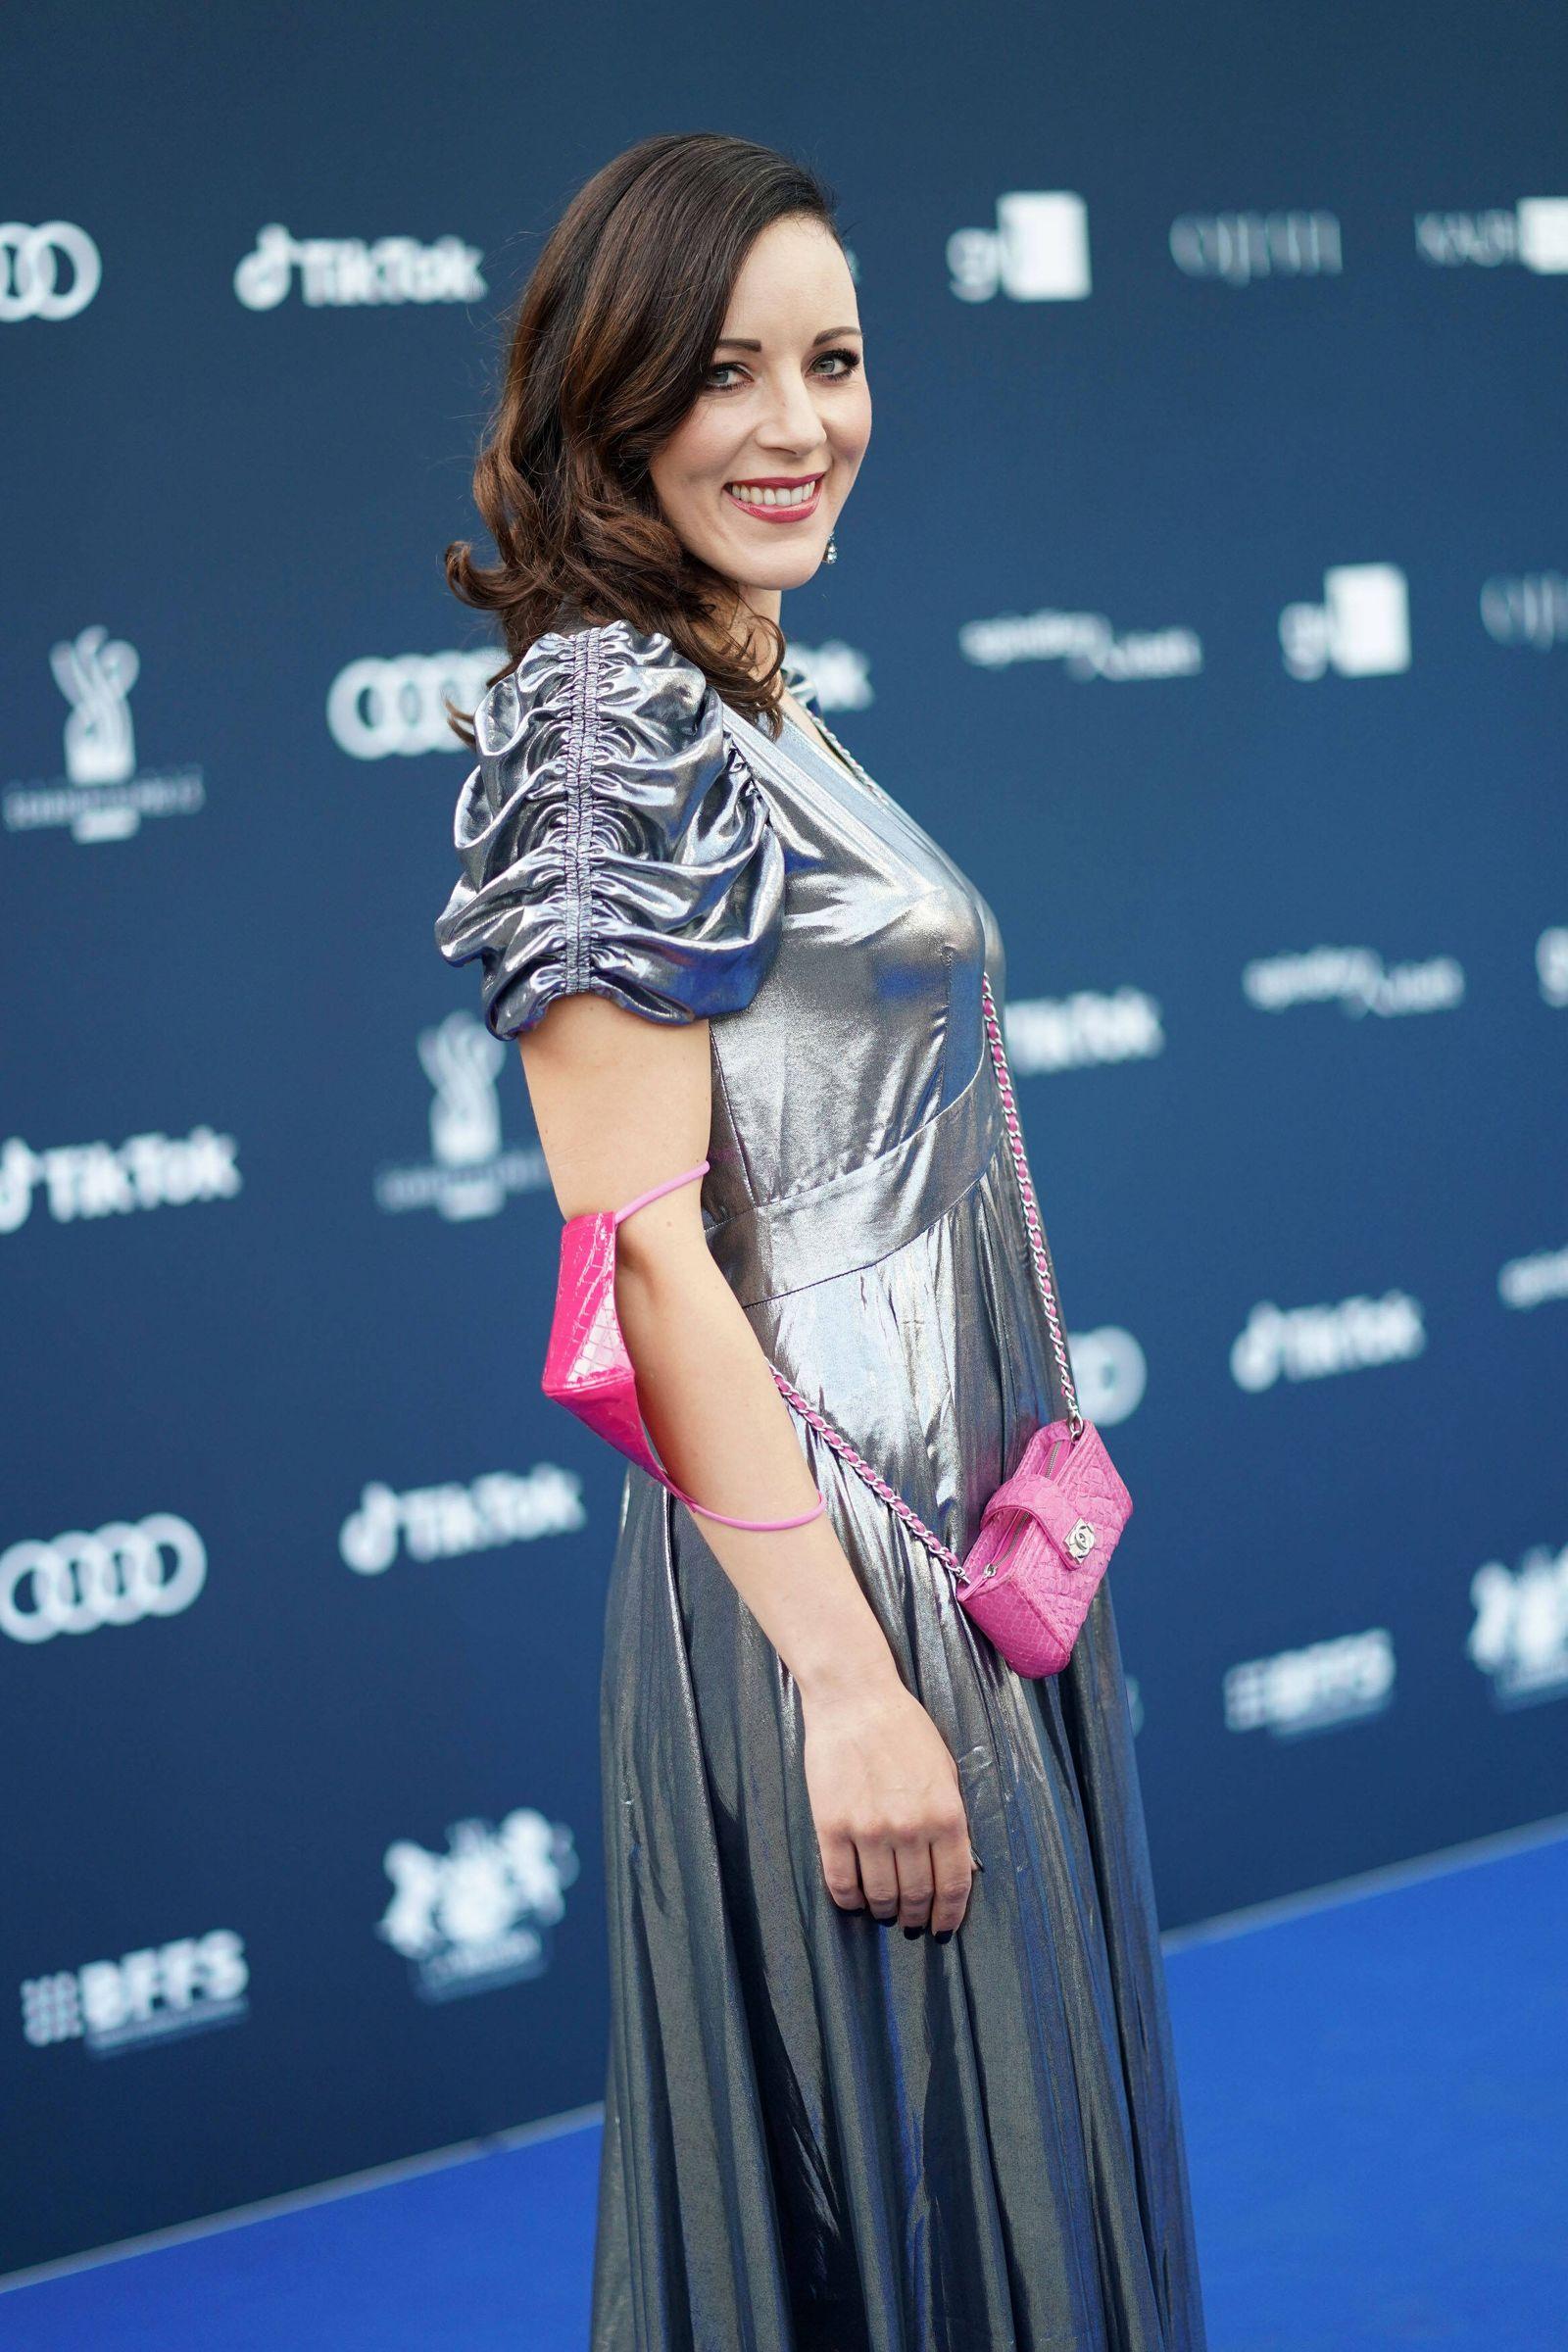 Jasmin Wagner Verleihung Deutscher Schauspielpreis 2020 im Spindler und Klatt in Berlin *** Jasmin Wagner German Acting